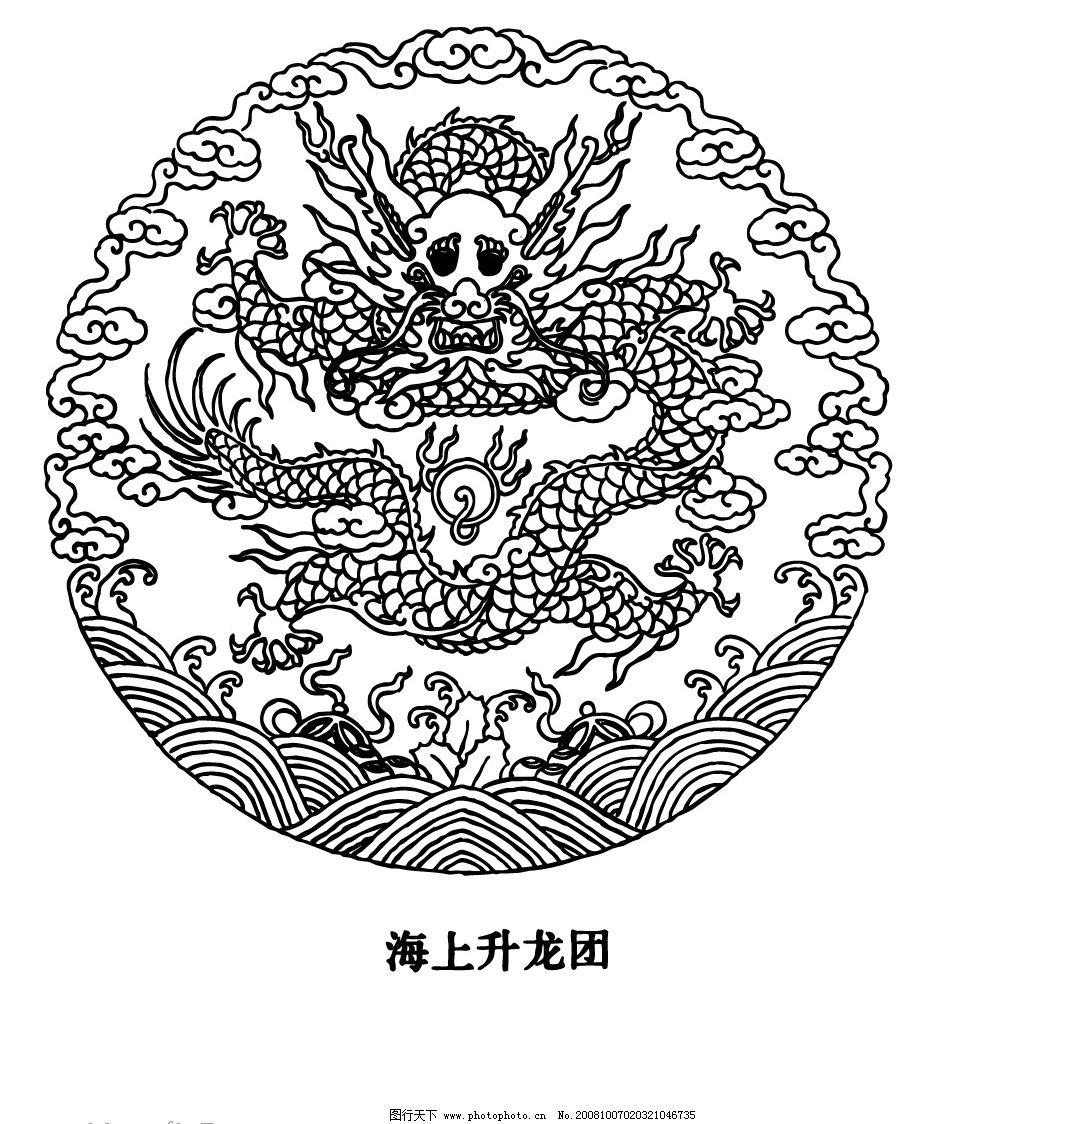 海上升龙团 中国古代图案 云边寿团 花纹花边 花团 古典 喜庆符号